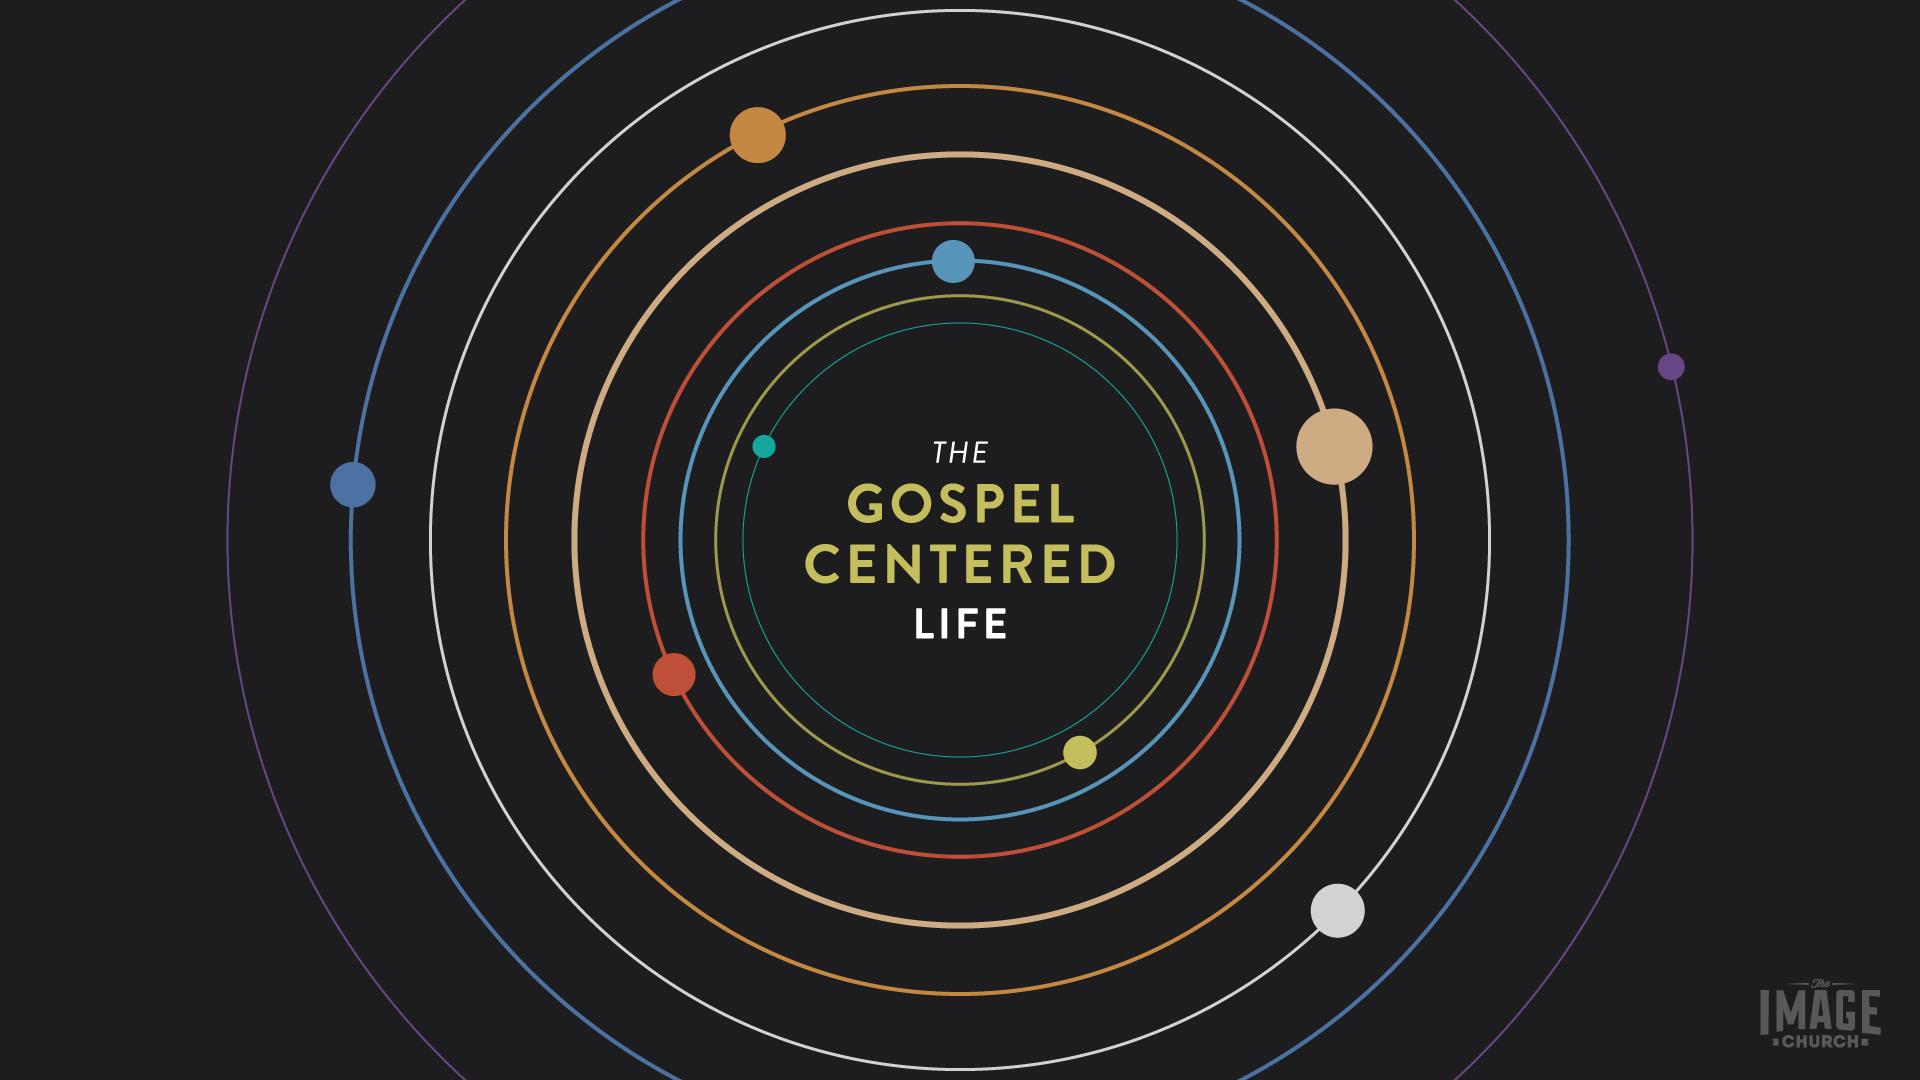 GospelCentered_slide_title.jpg